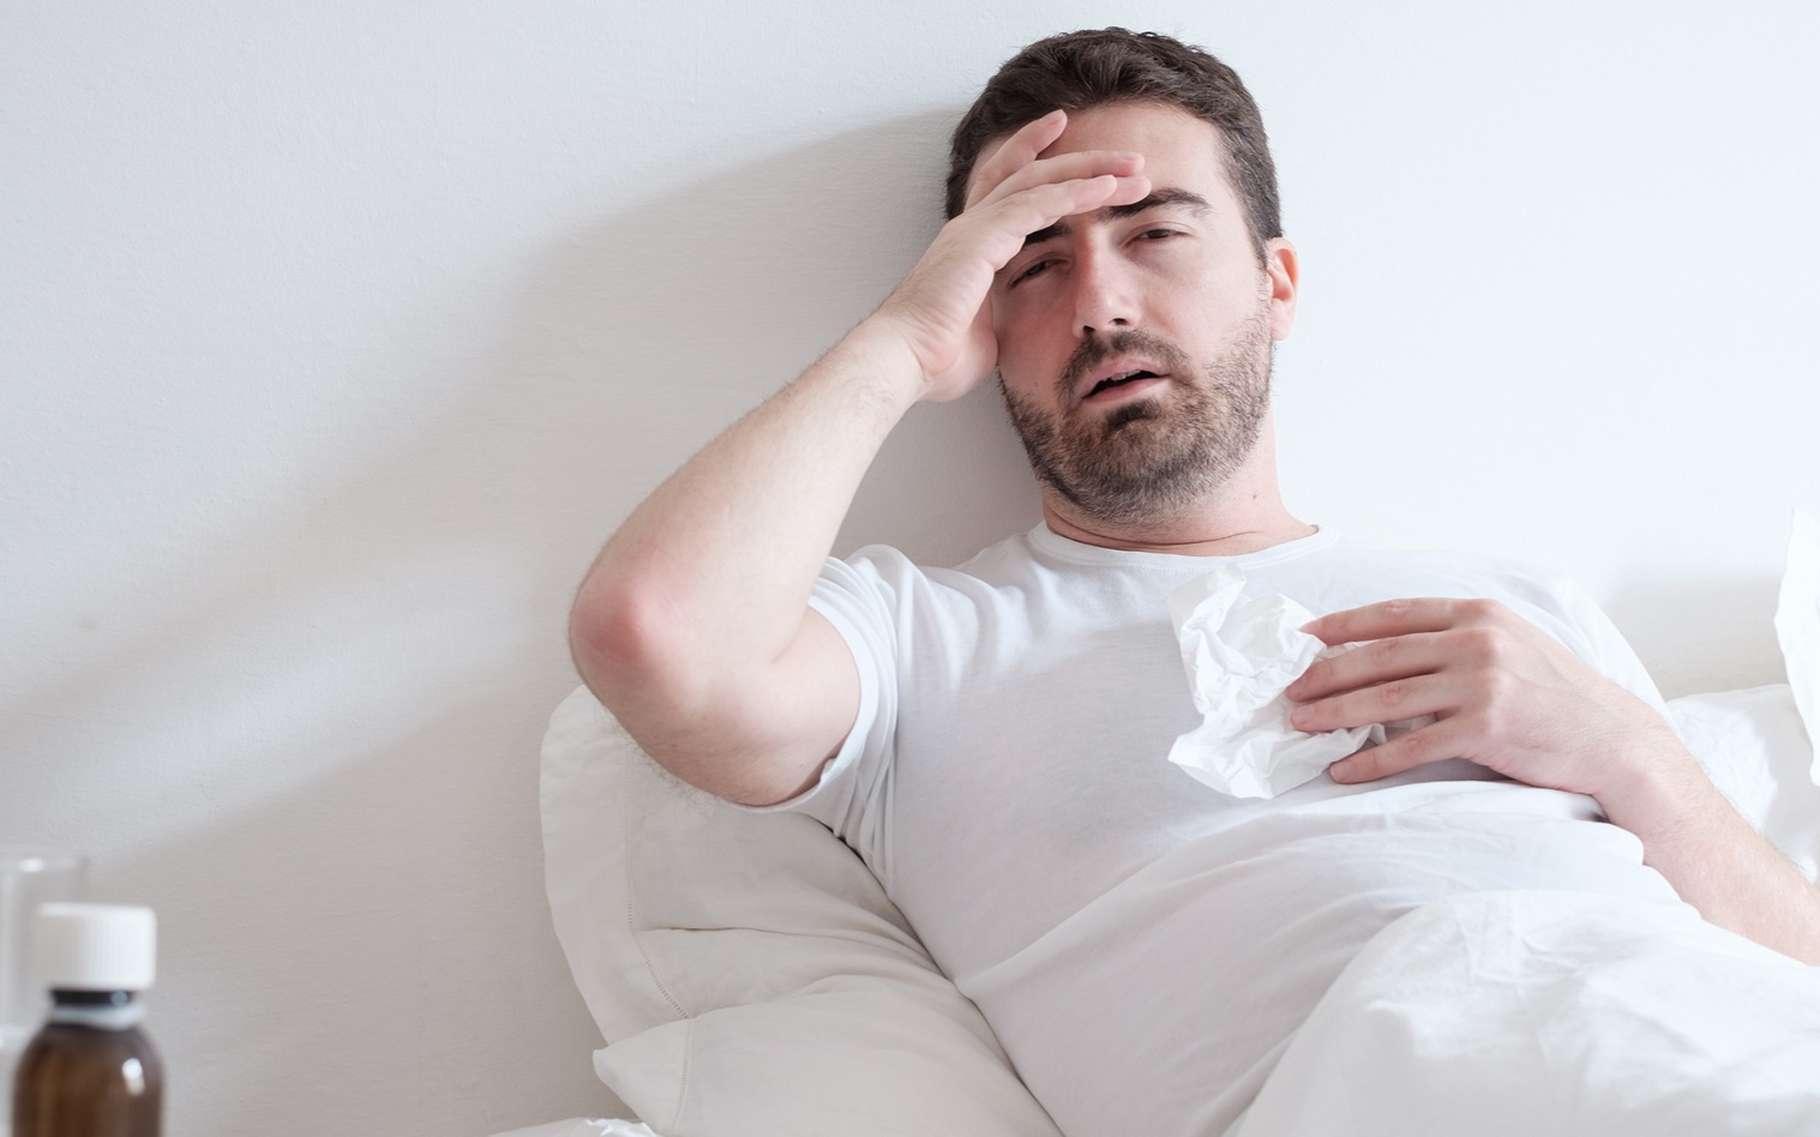 Hommes et femmes ne sont pas égaux face à certaines infections. © tommaso79, Shutterstock